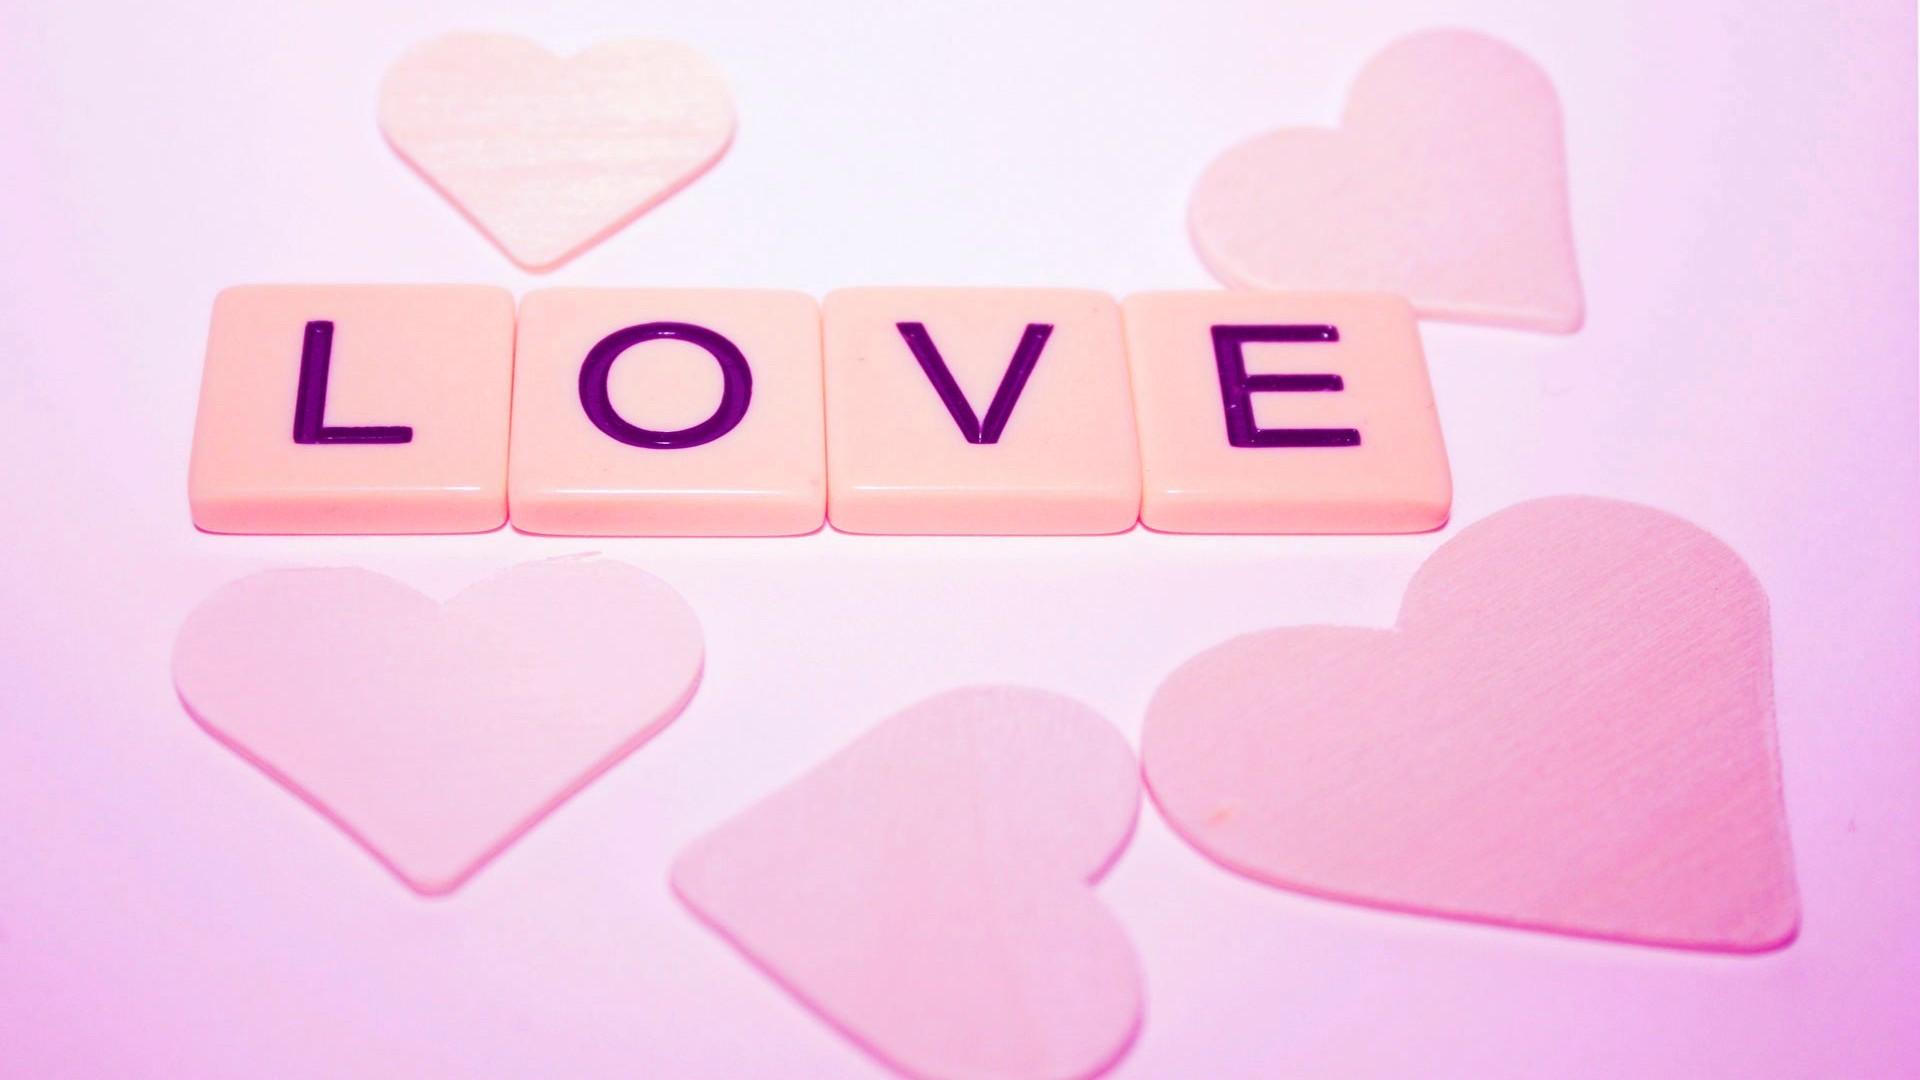 Hình nền cute love